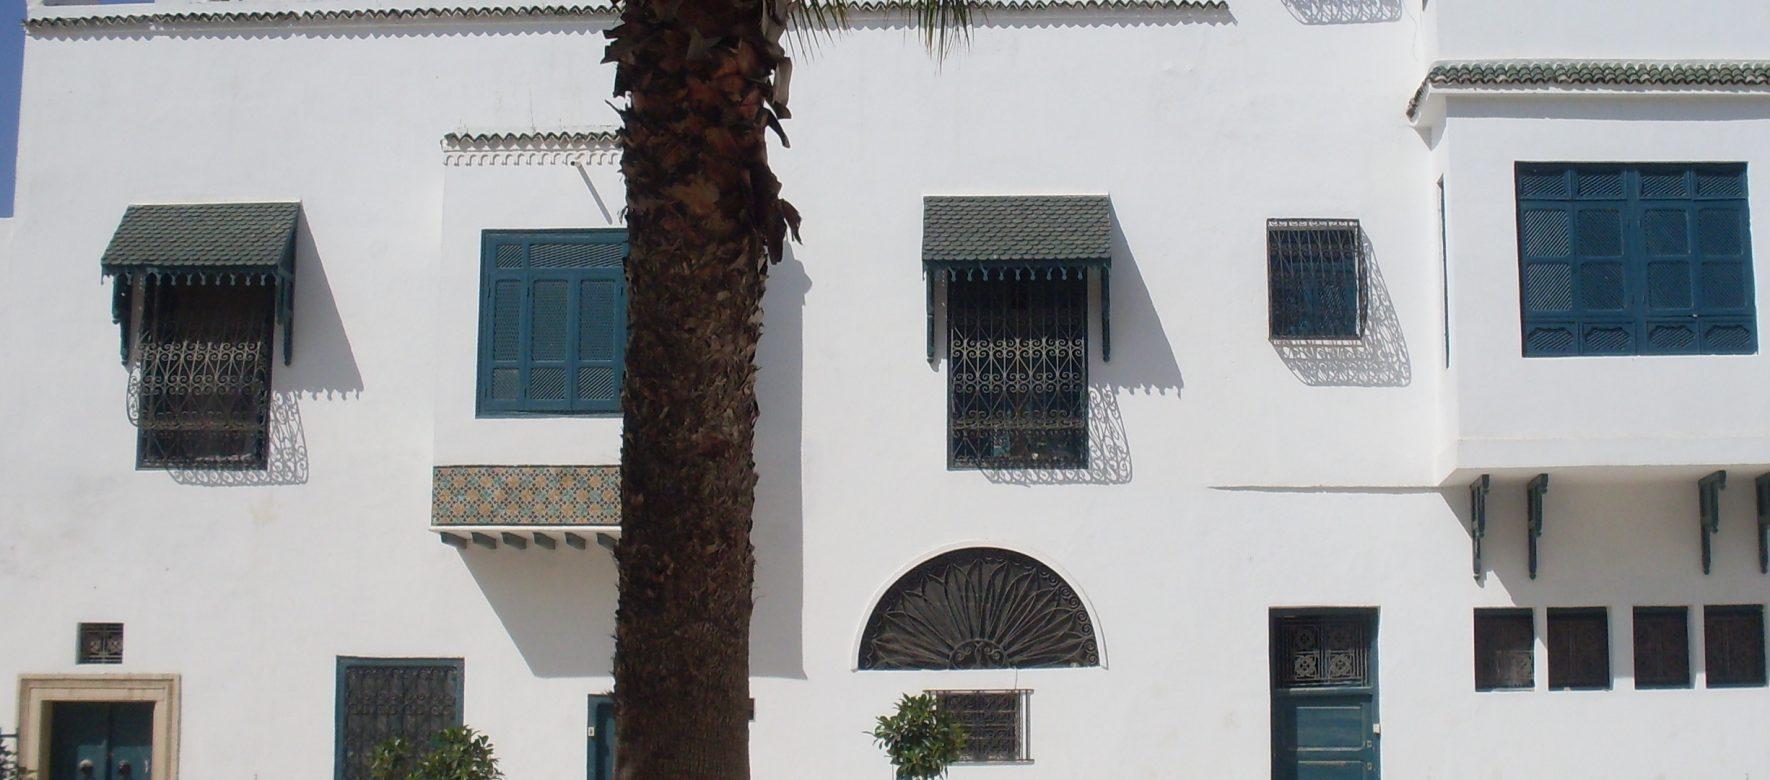 Tunisie : L'indice des prix de l'immobilier a fortement progressé en 2019, à +8,1% sur l'année